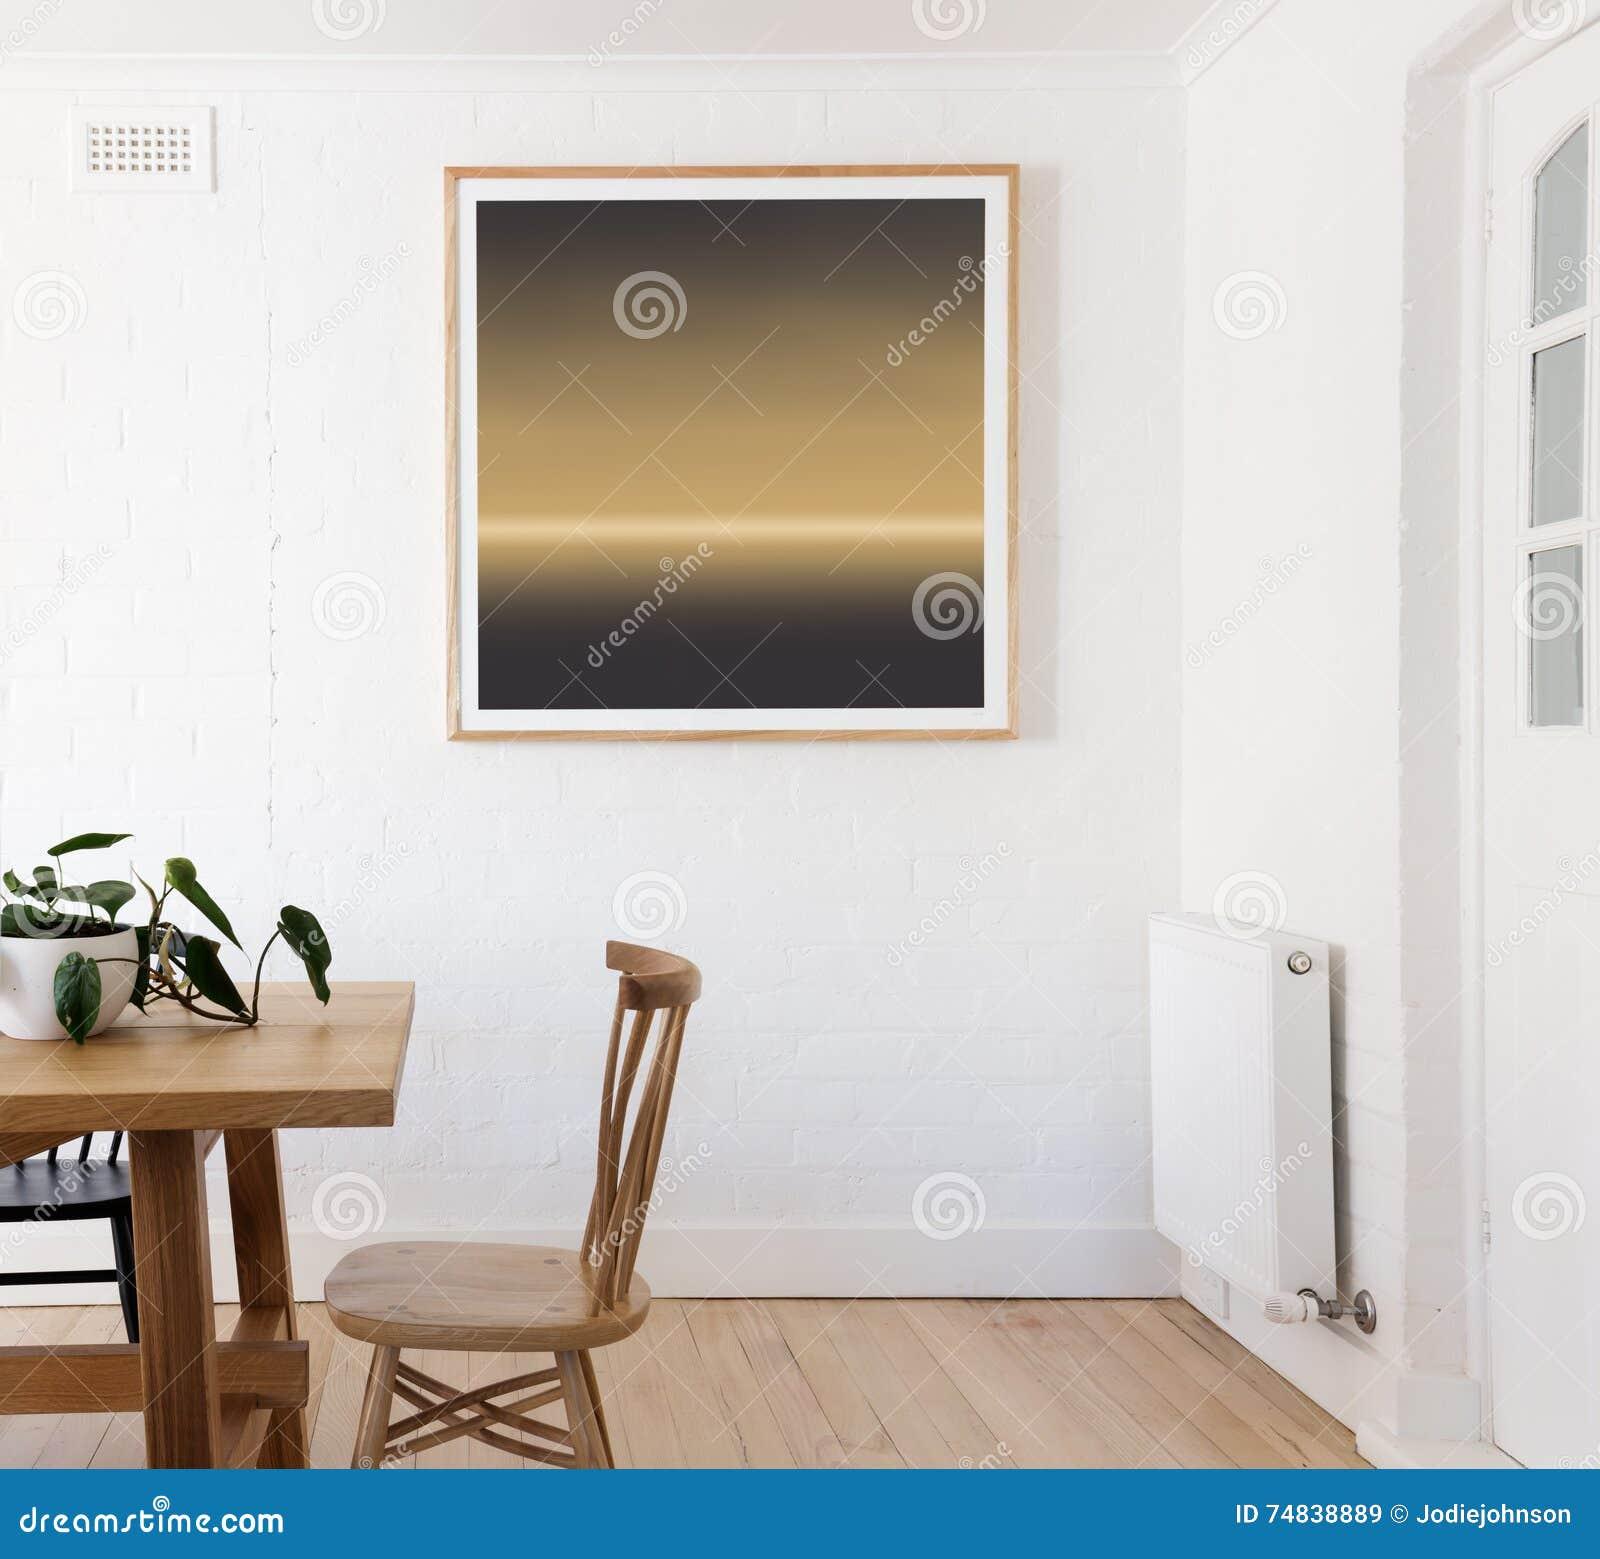 C Pia Quadro Na Parede Branca Na Sala De Jantar Interior Denominada  -> Quadro De Parede Para Sala